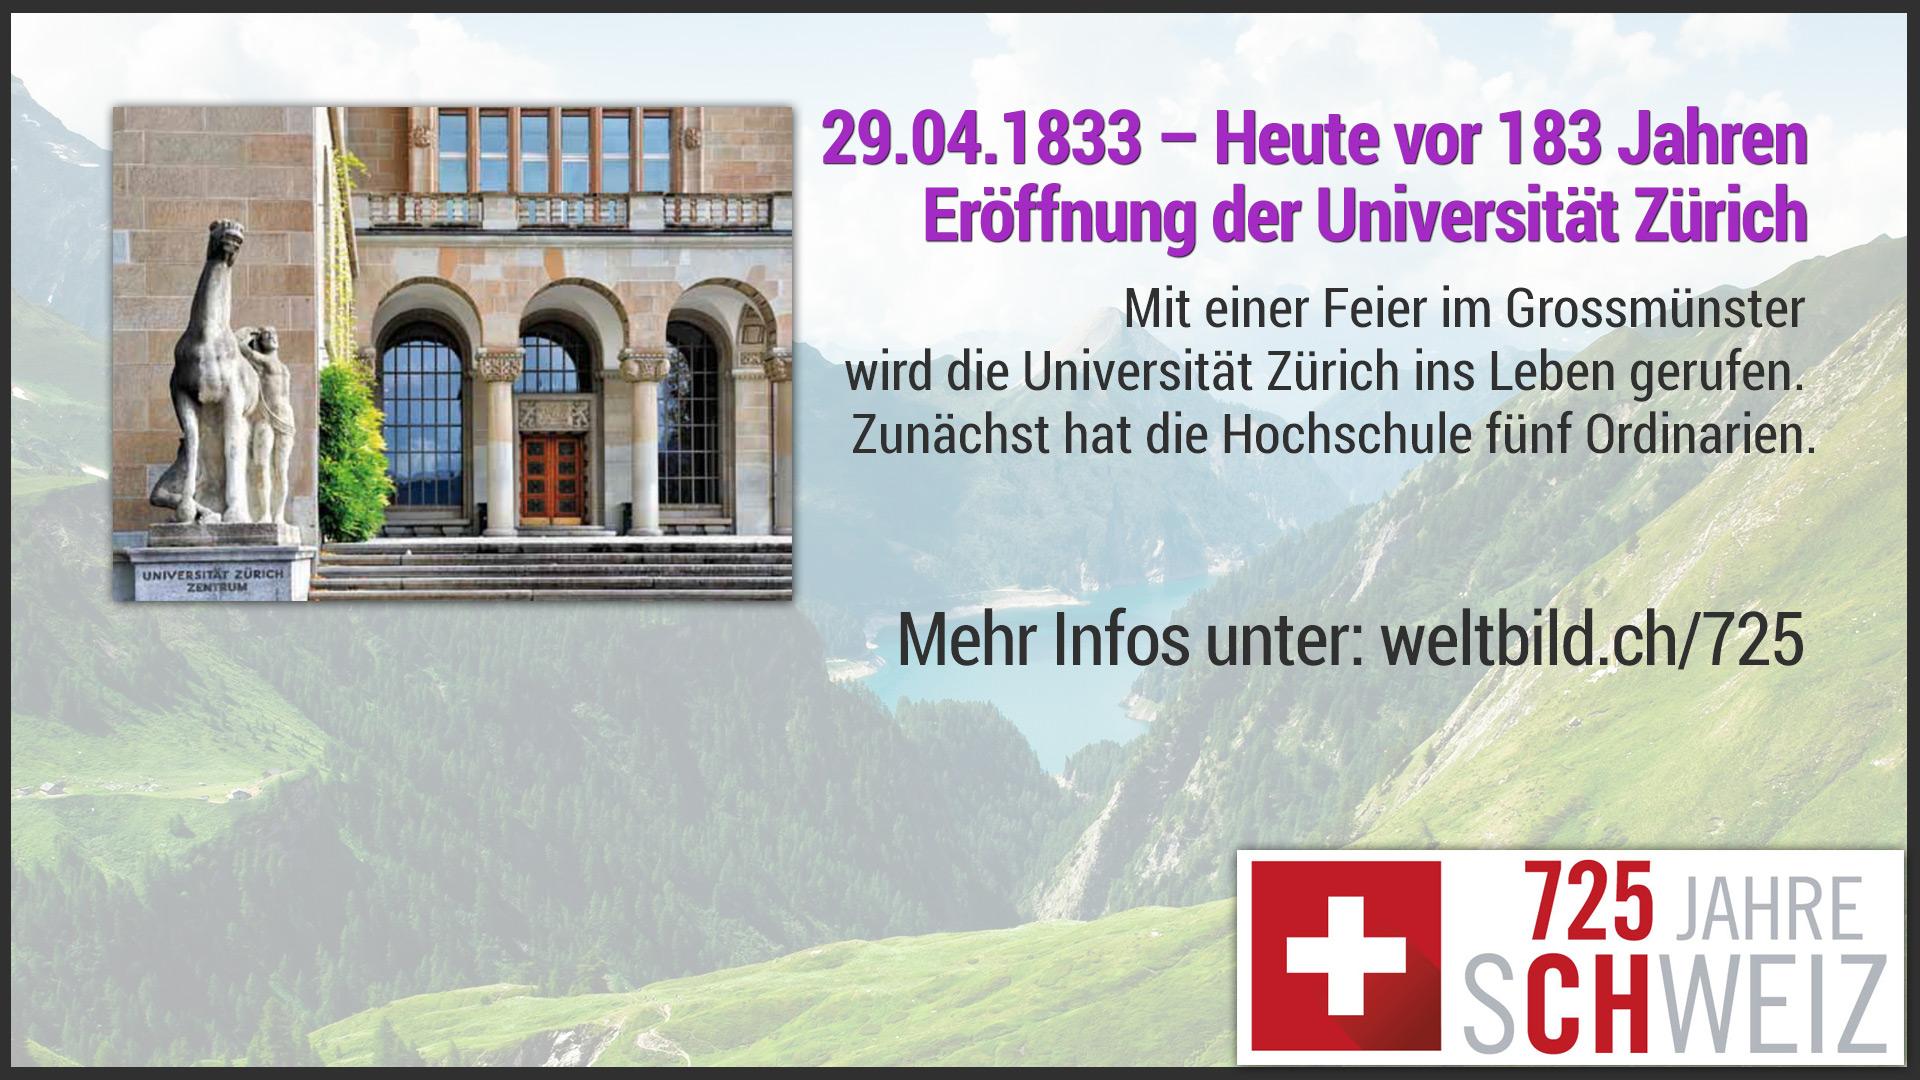 instore_160429_chronik-unizuerich01_ch